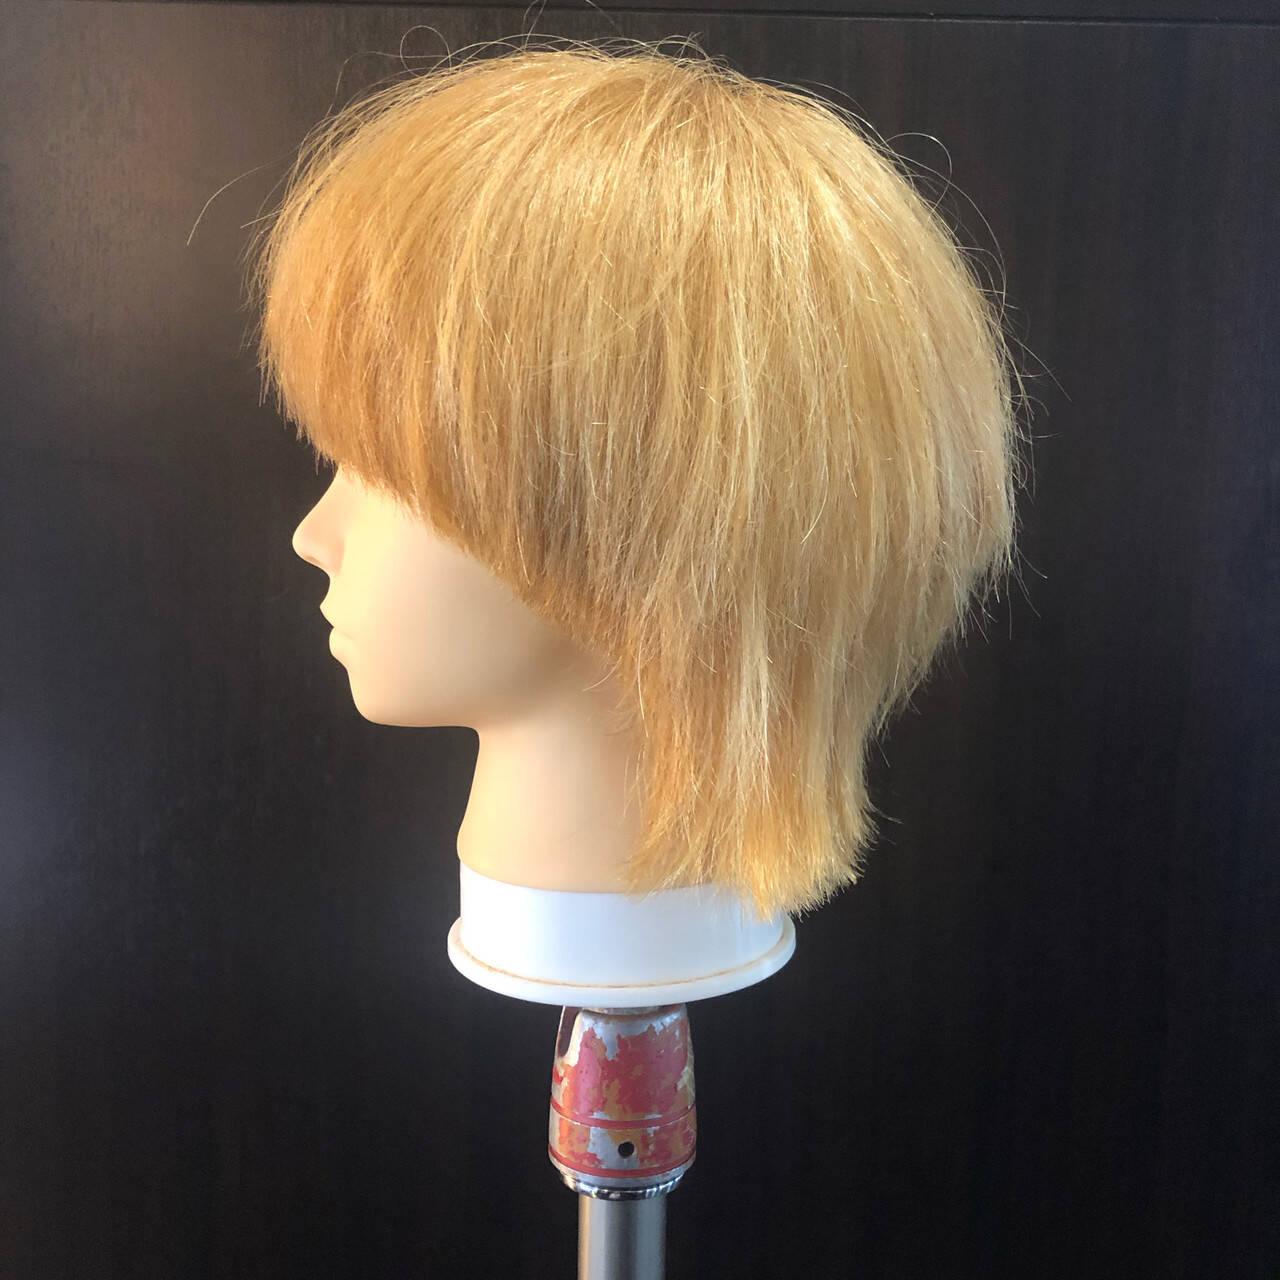 ウルフ ニュアンスウルフ ミディアム ストリートヘアスタイルや髪型の写真・画像